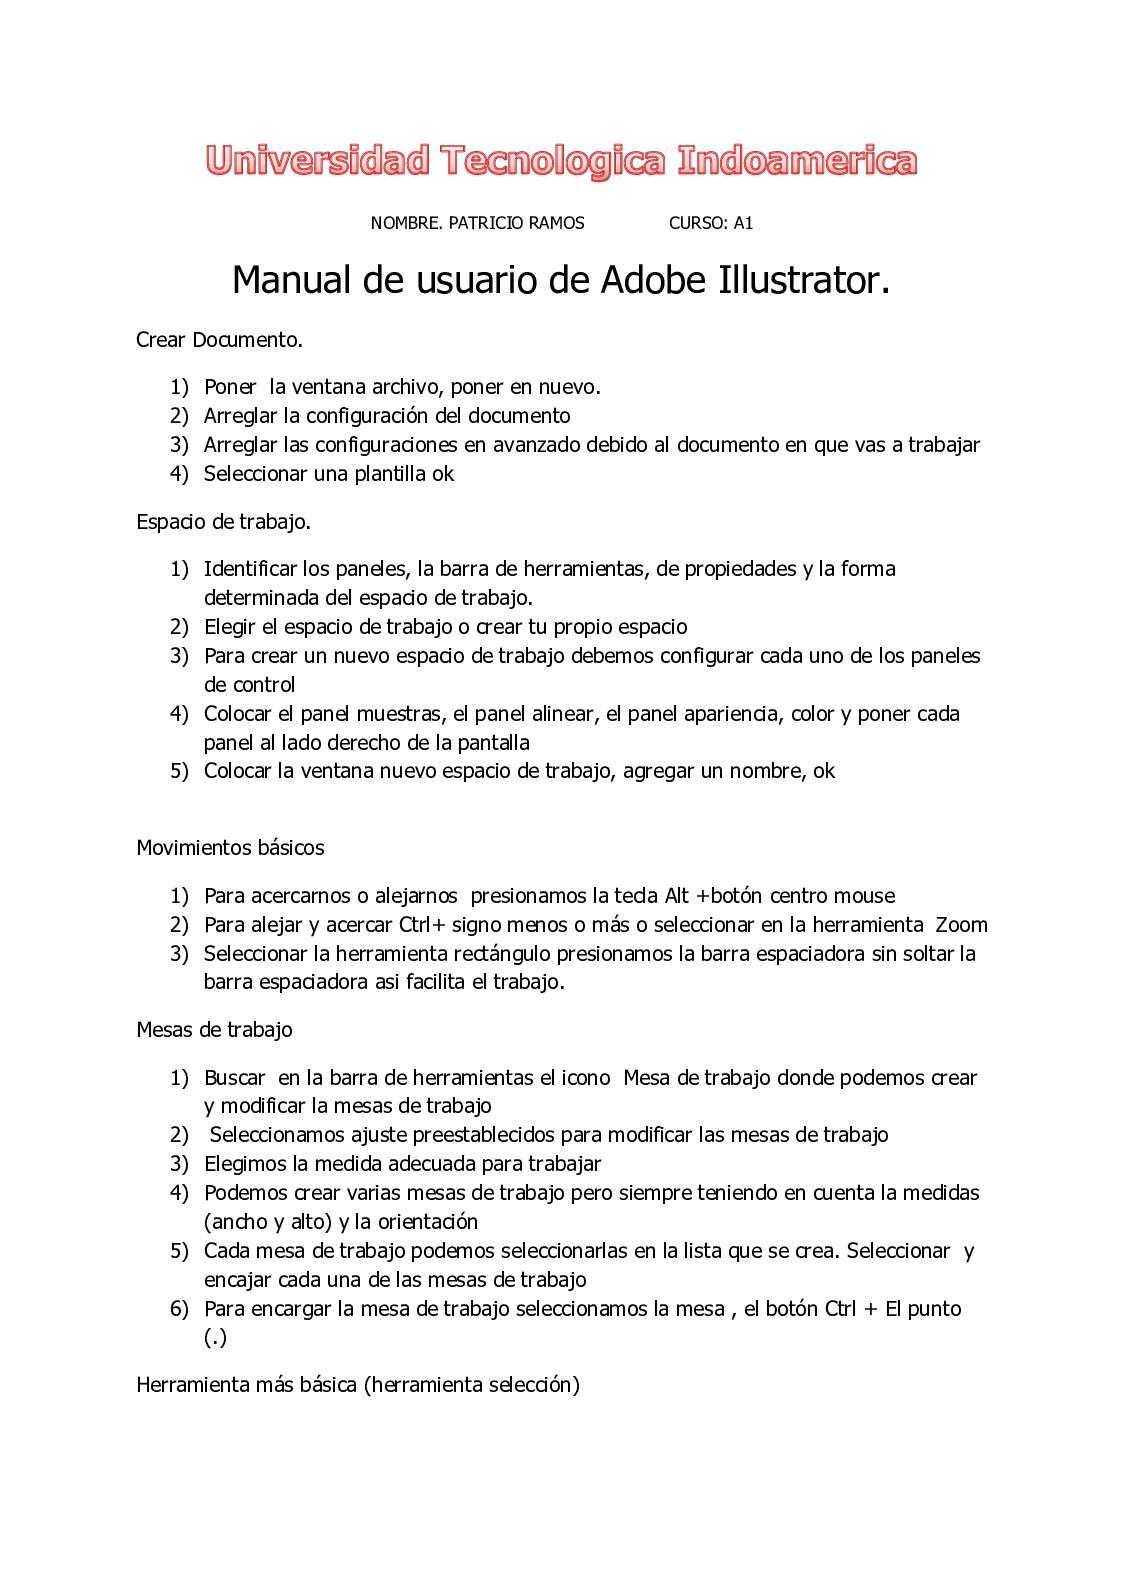 Calaméo Manual De Usuario De Adobe Illustrator